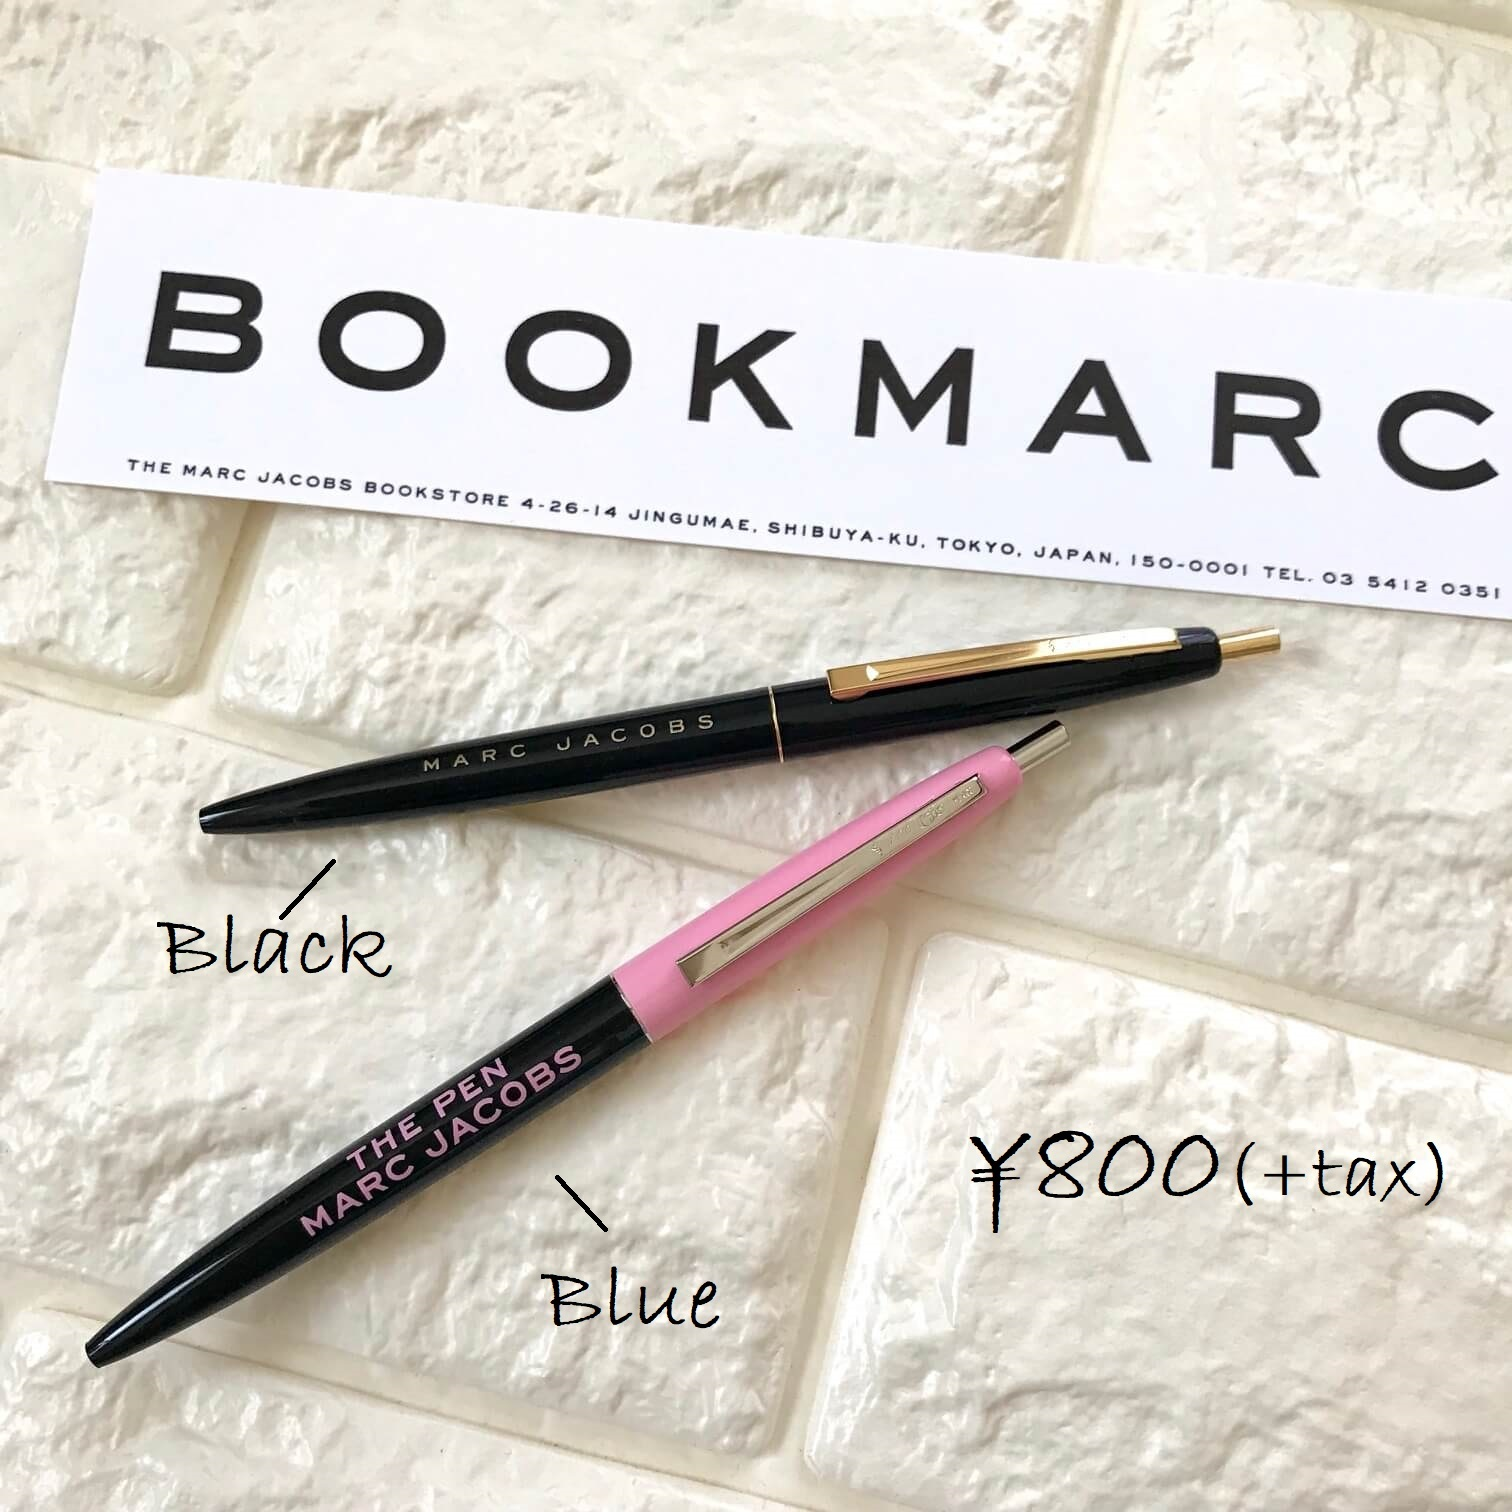 ブックマークのボールペン2本の画像